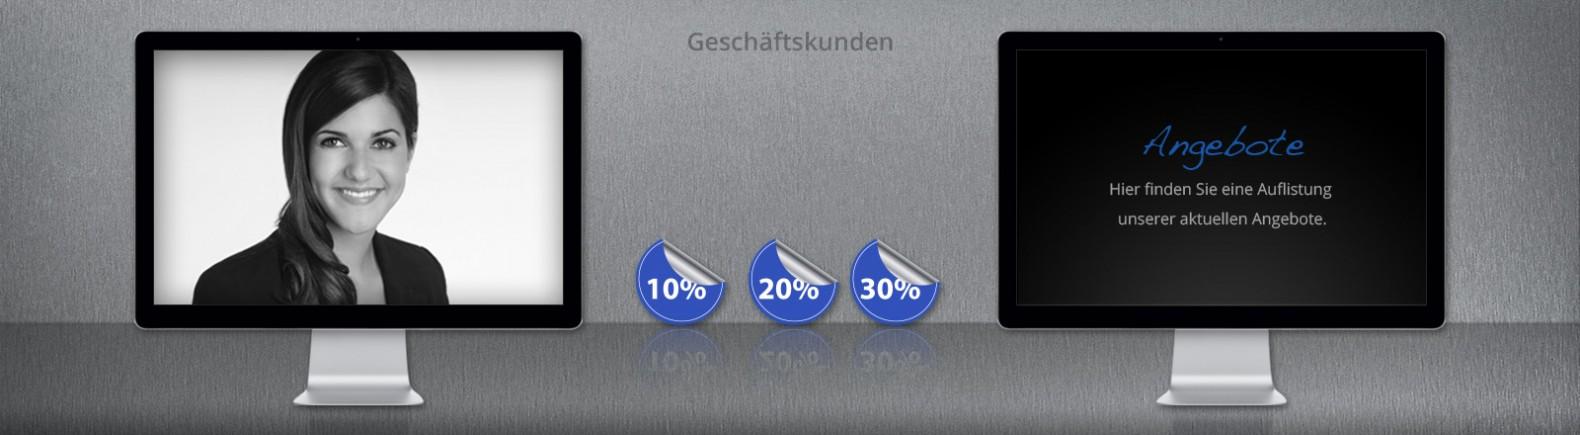 04_aktionen_business.fotostudio-schloen-duesseldorf.de